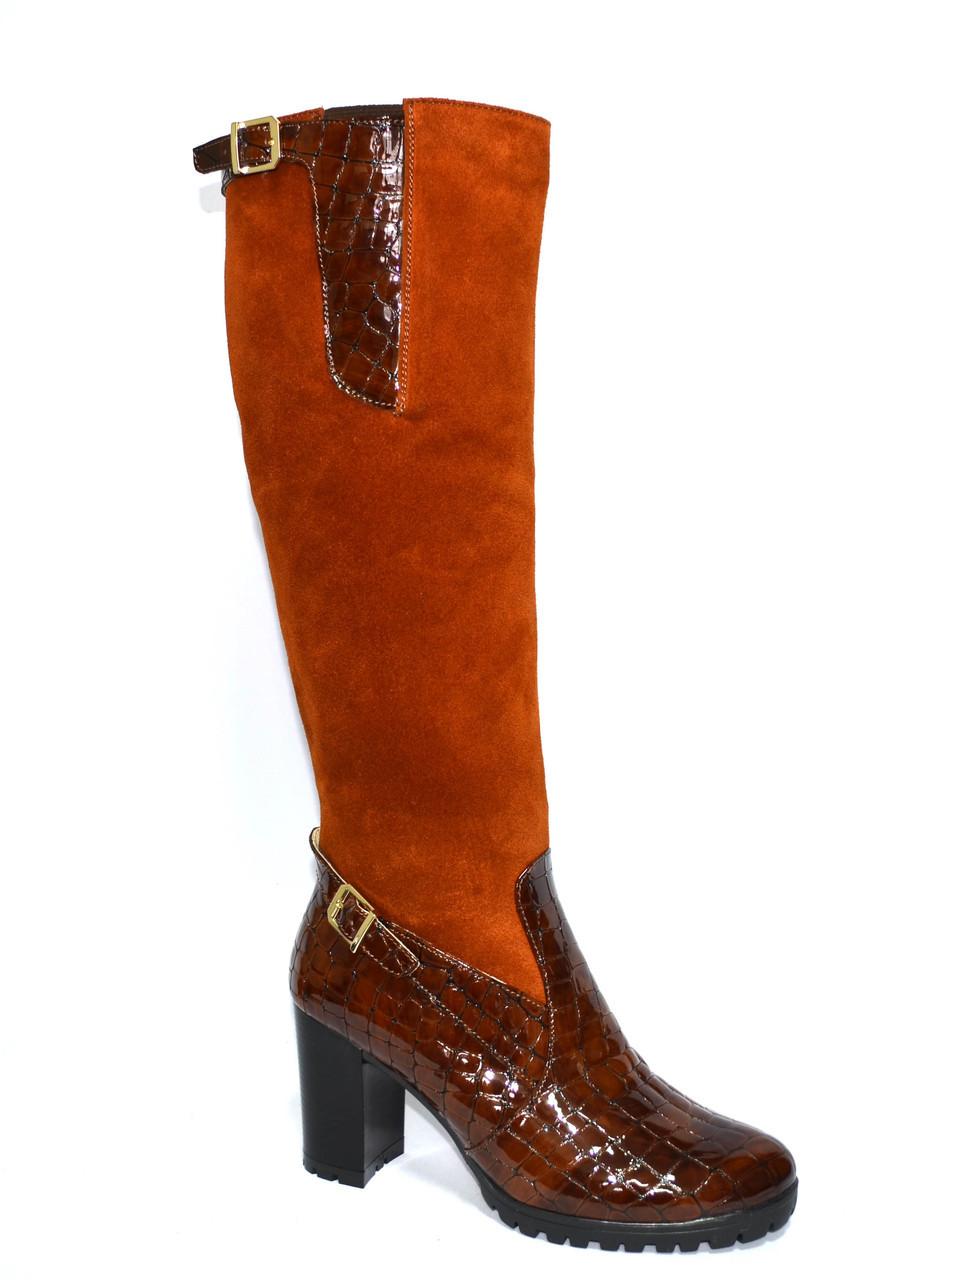 58443ea87 Женские высокие стильные сапоги, натуральный замш+кожа крокодил,  демисезонные ...